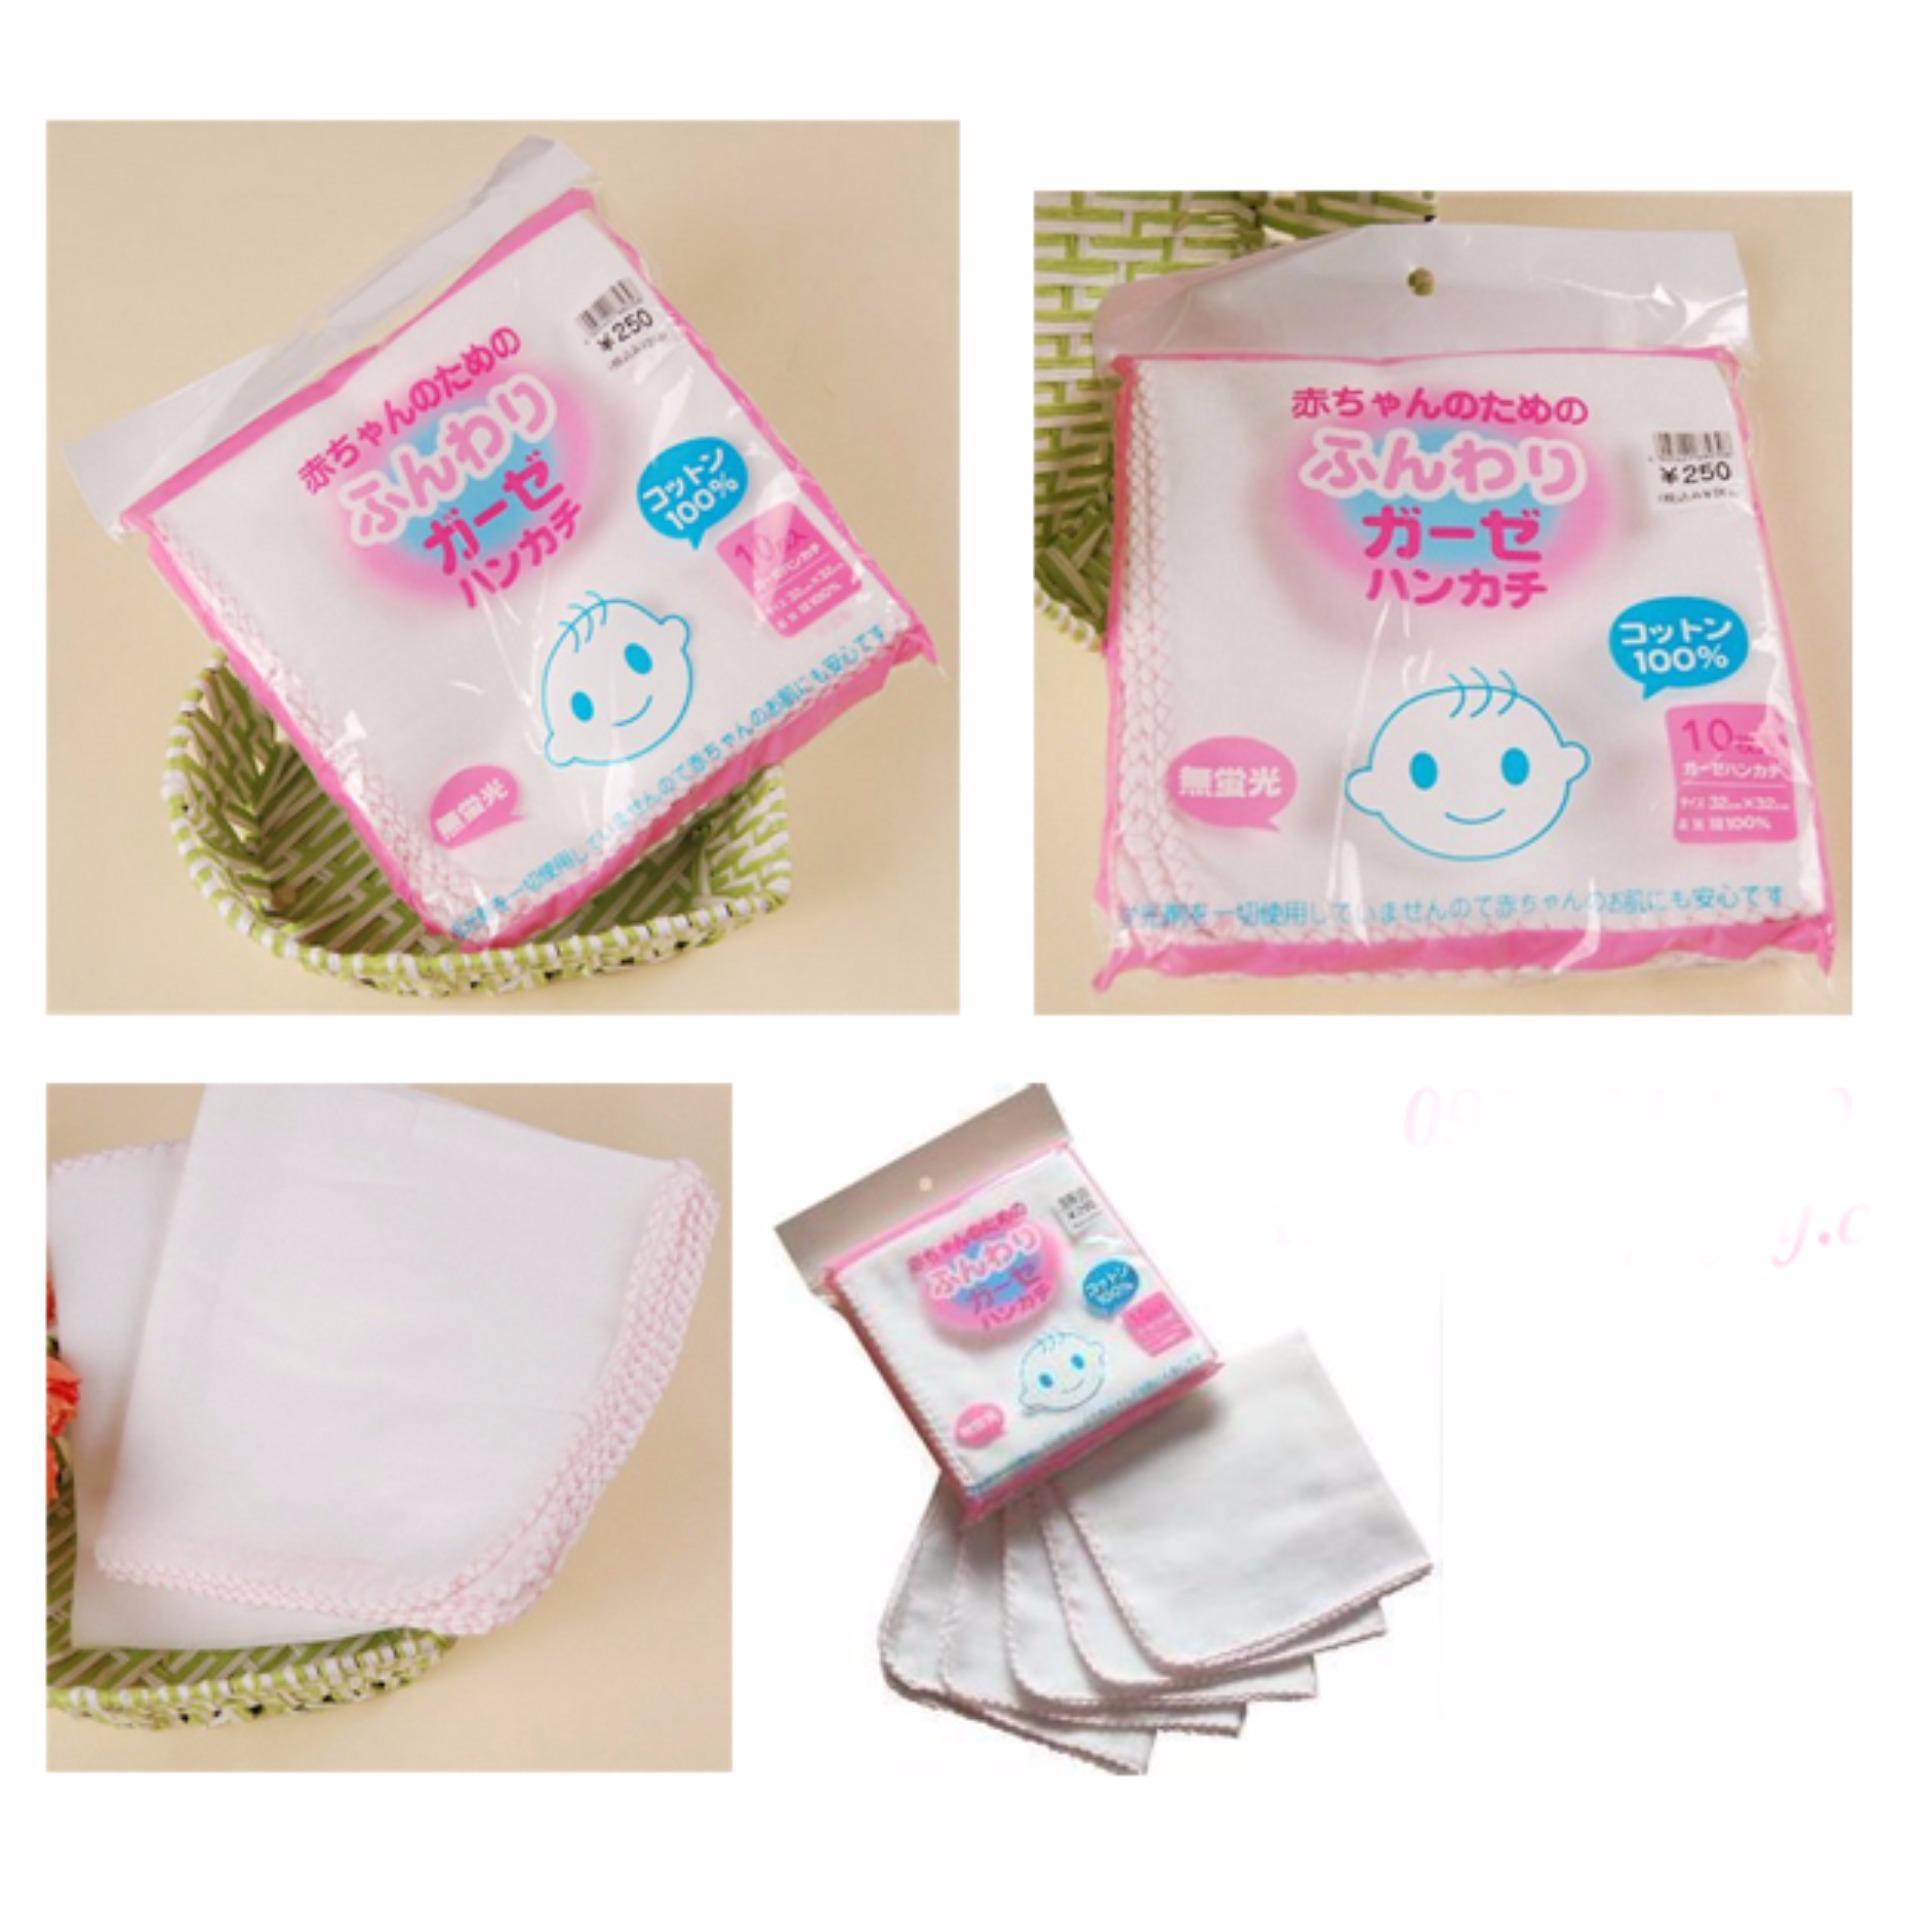 Túi khăn sữa Cao cấp xuất Nhật cho bé yêu (10 chiếc)